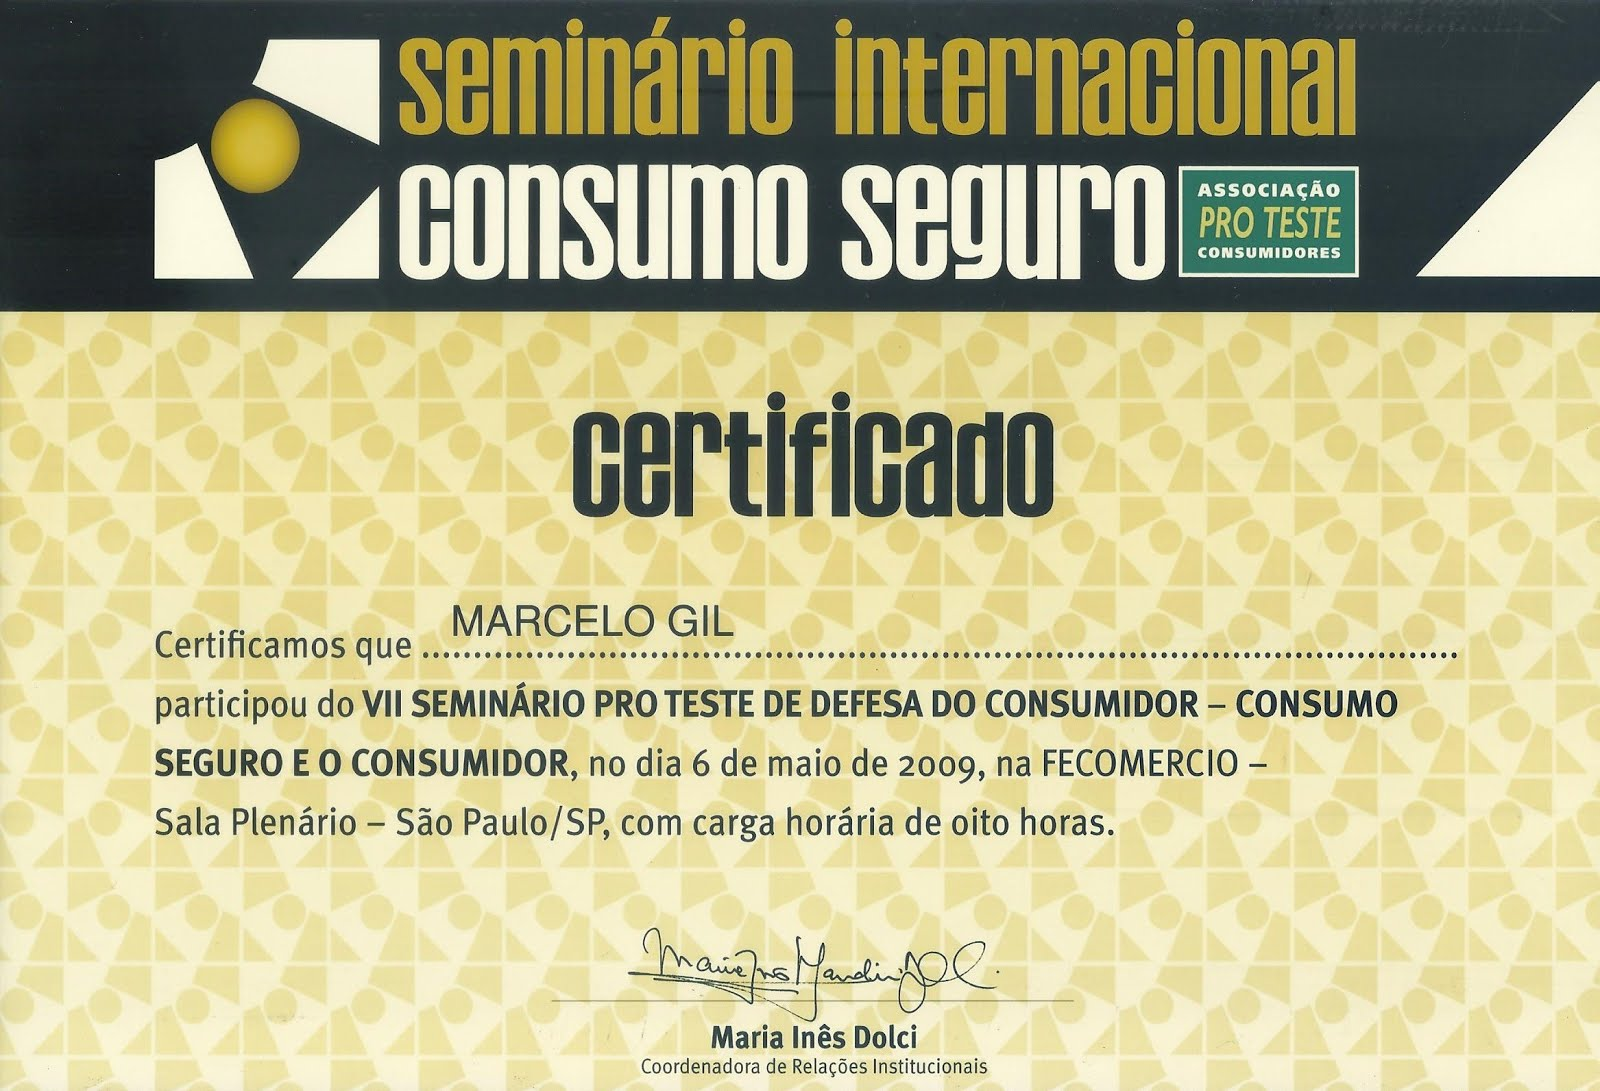 CERTIFICADO DE PARTICIPAÇÃO EM SEMINÁRIO DA ASSOCIAÇÃO BRASILEIRA DE DEFESA DO CONSUMIDOR / 2009